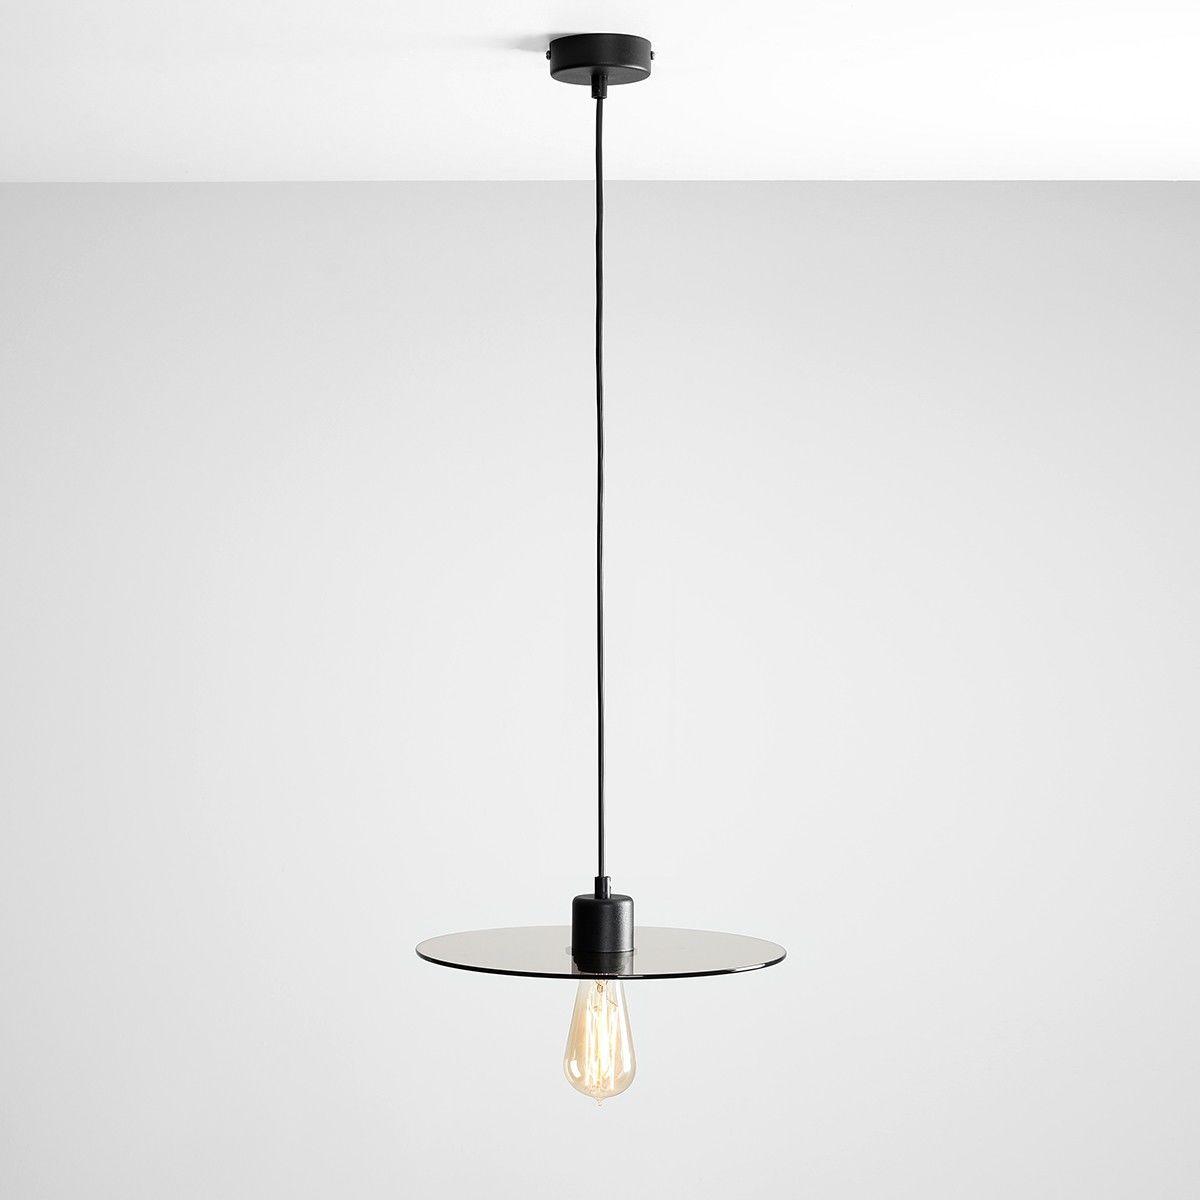 Lampa wisząca Dysk szklana nowoczesna czarna 1 punktowa 999G/D - Aldex Do -17% rabatu w koszyku i darmowa dostawa od 299zł !